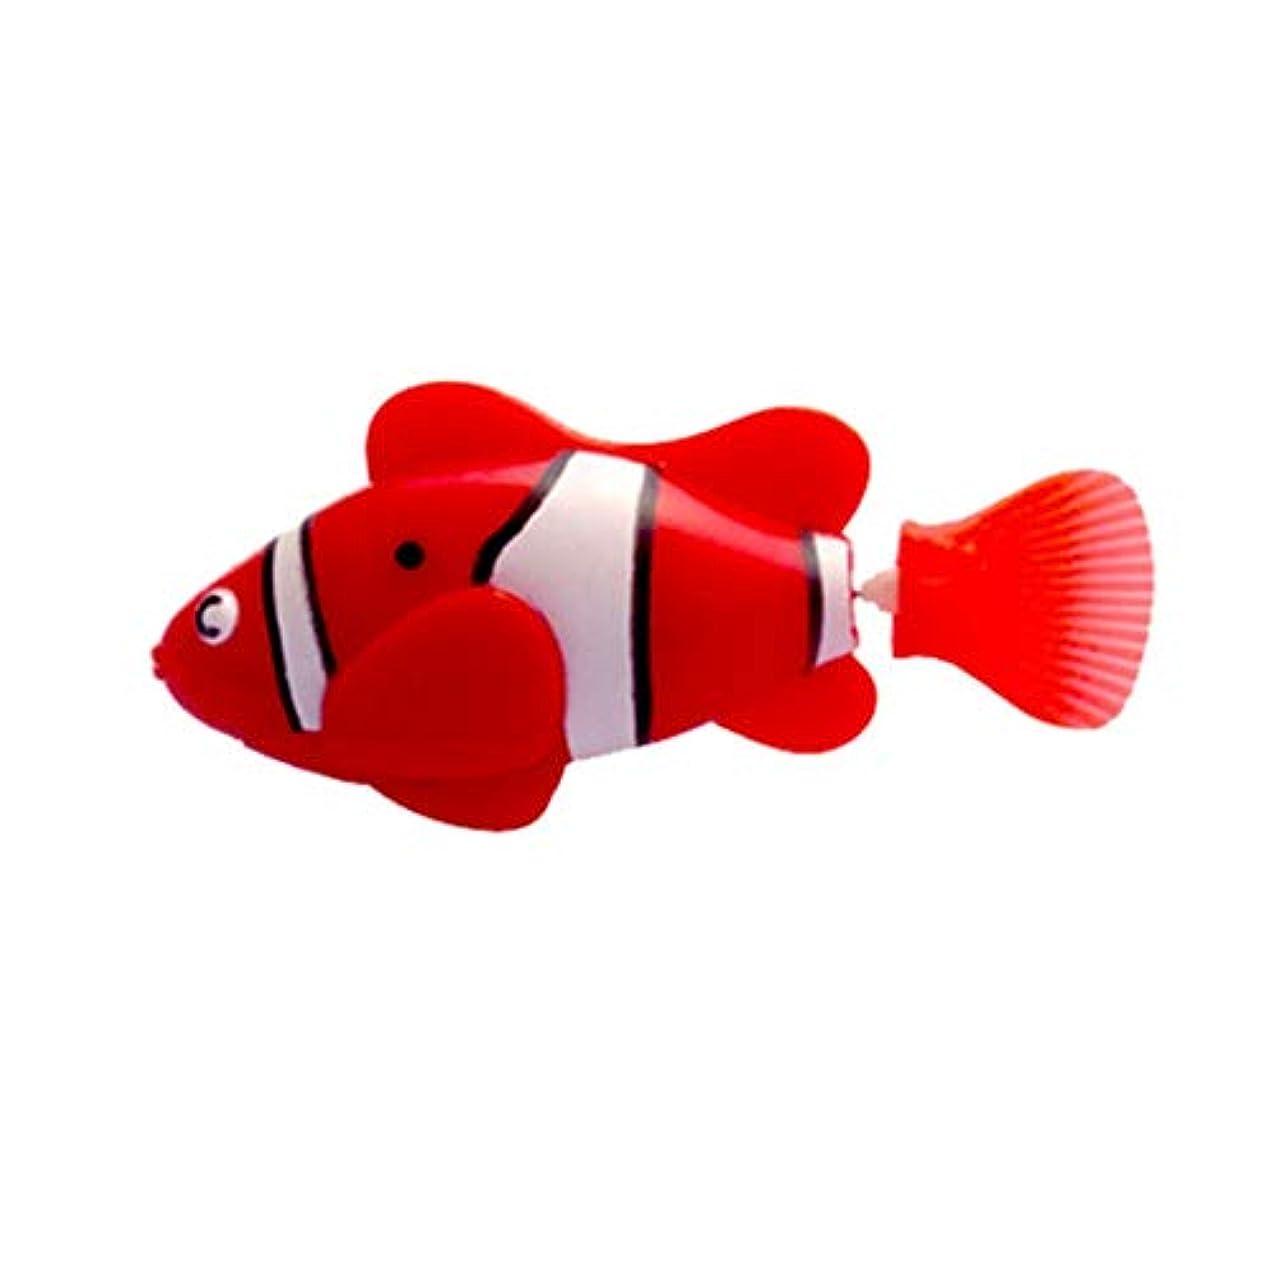 エコー遅らせる信頼性のあるミニ風呂玩具バイオニック魚電動スイミングマジカルルバオ魚水中世界深海電子センシング魚 - 赤